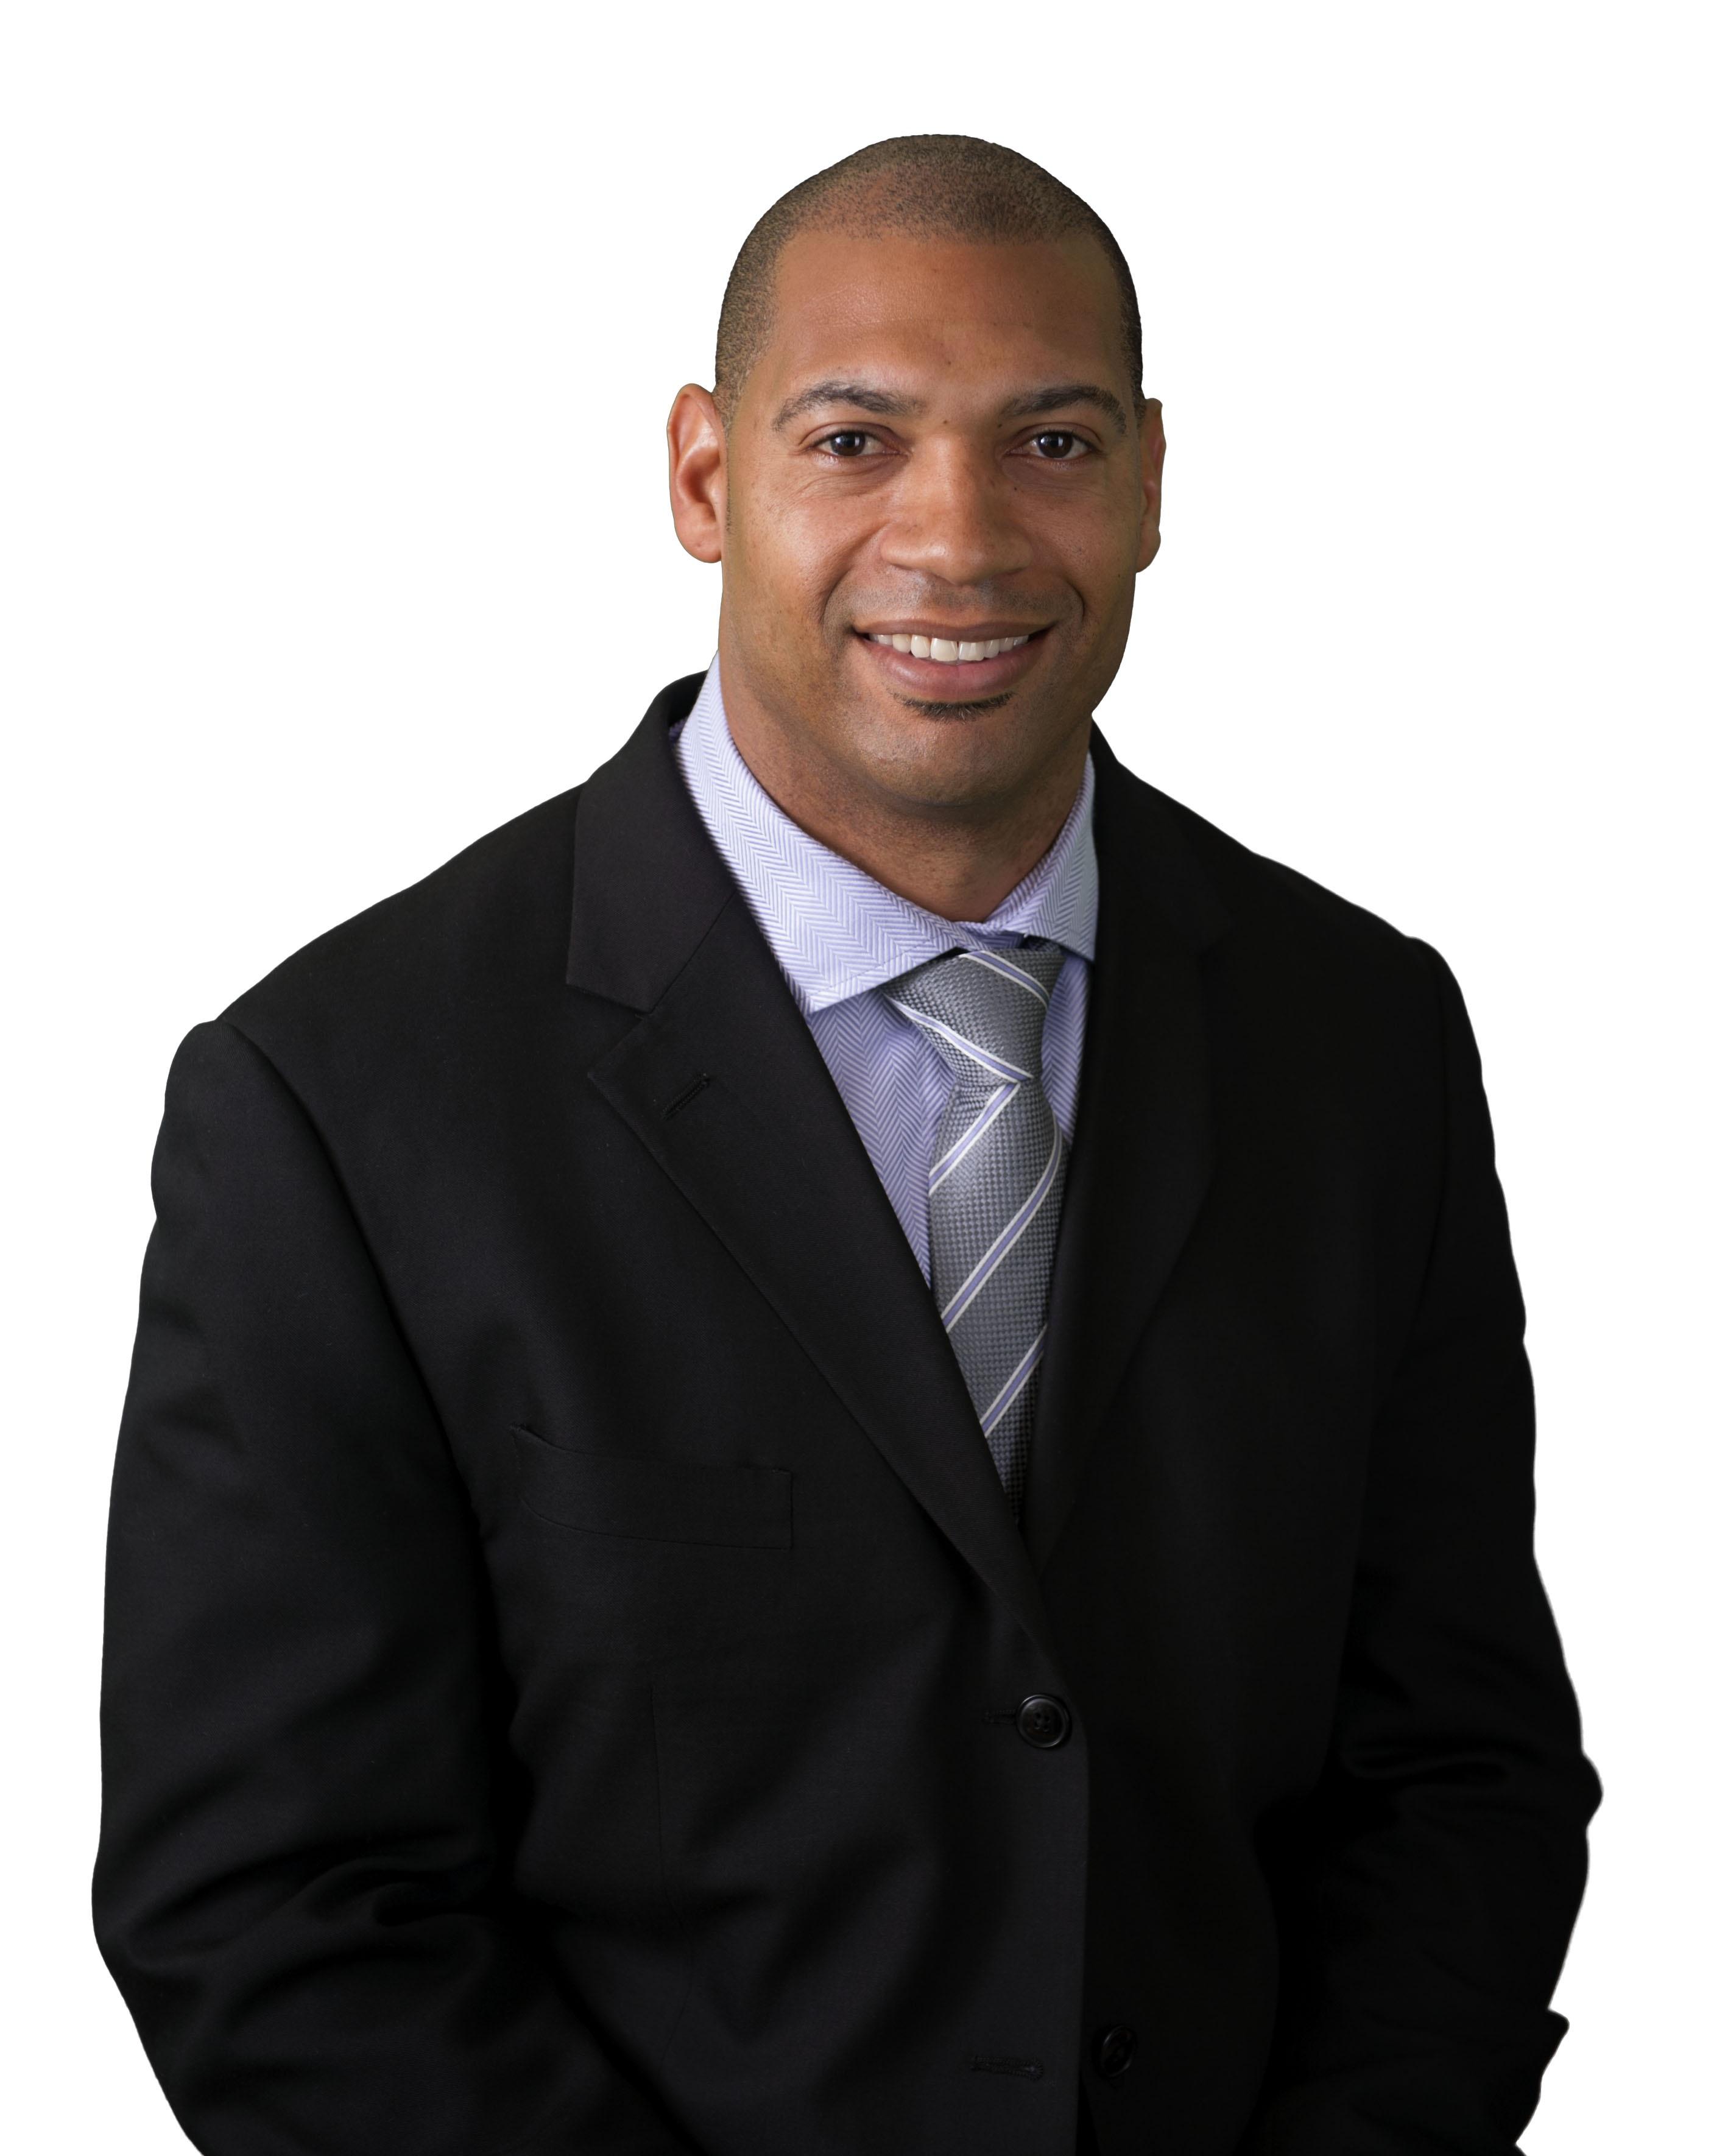 Aaron M. Bates, MD